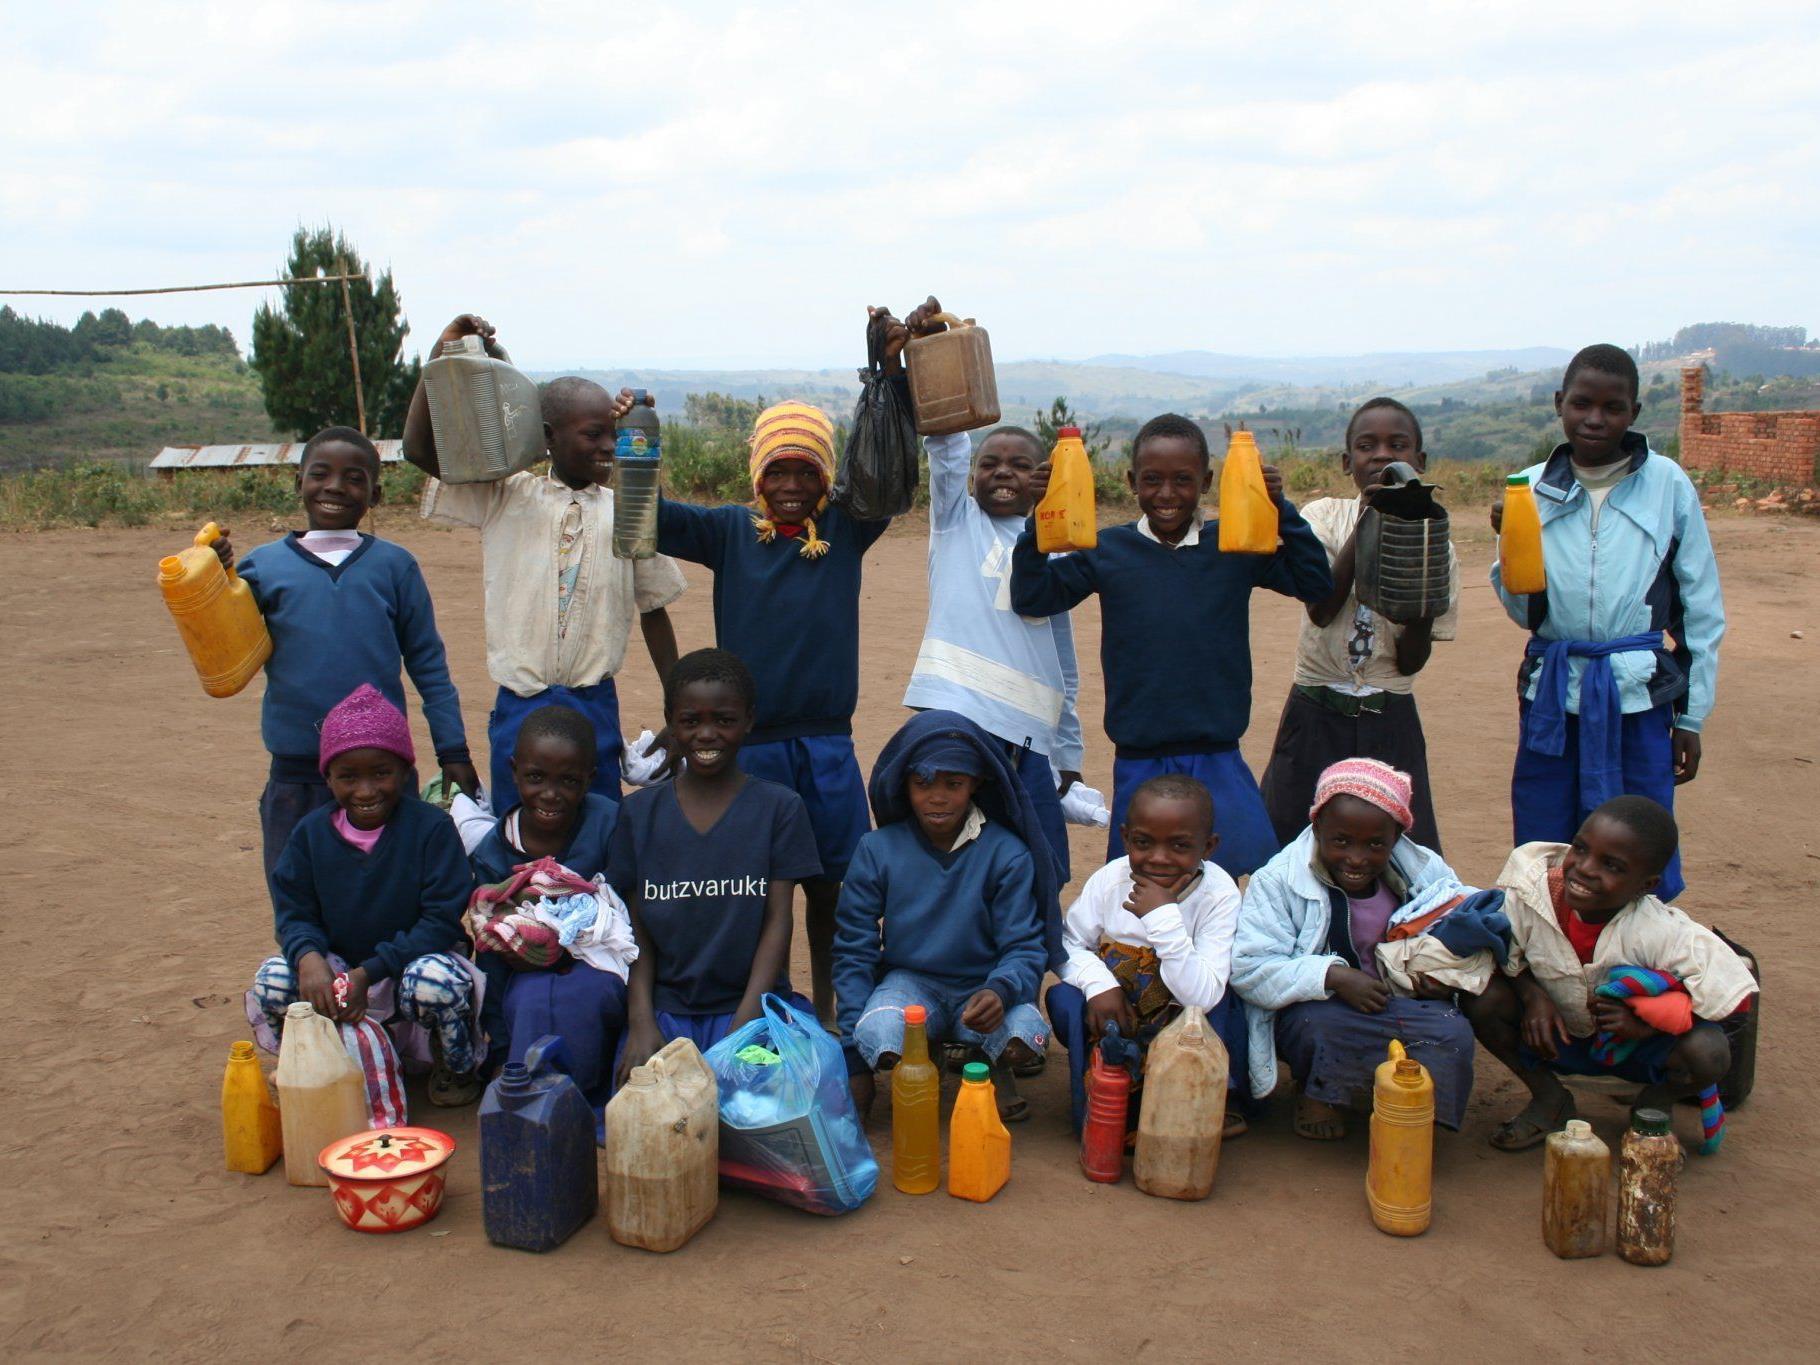 Kleinigkeiten für uns - Lebensgrundlage für die Waisenkinder